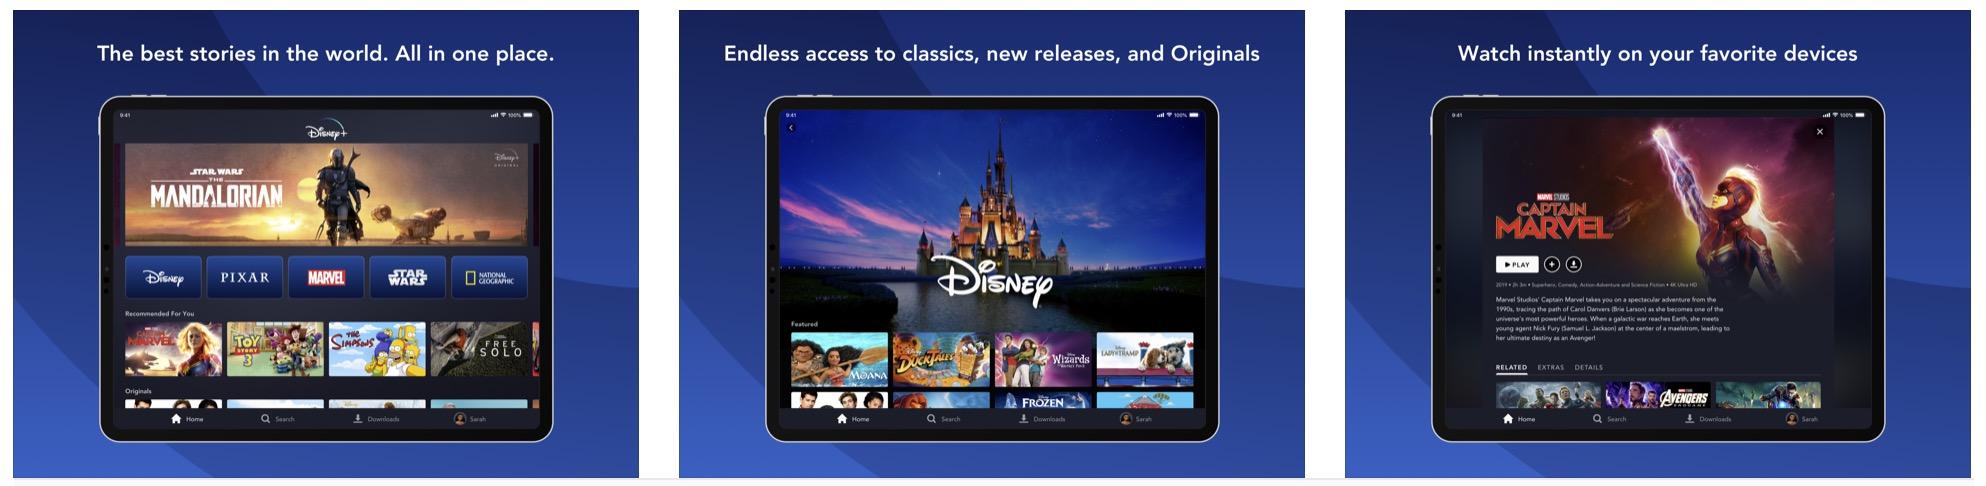 come vedere Disney+